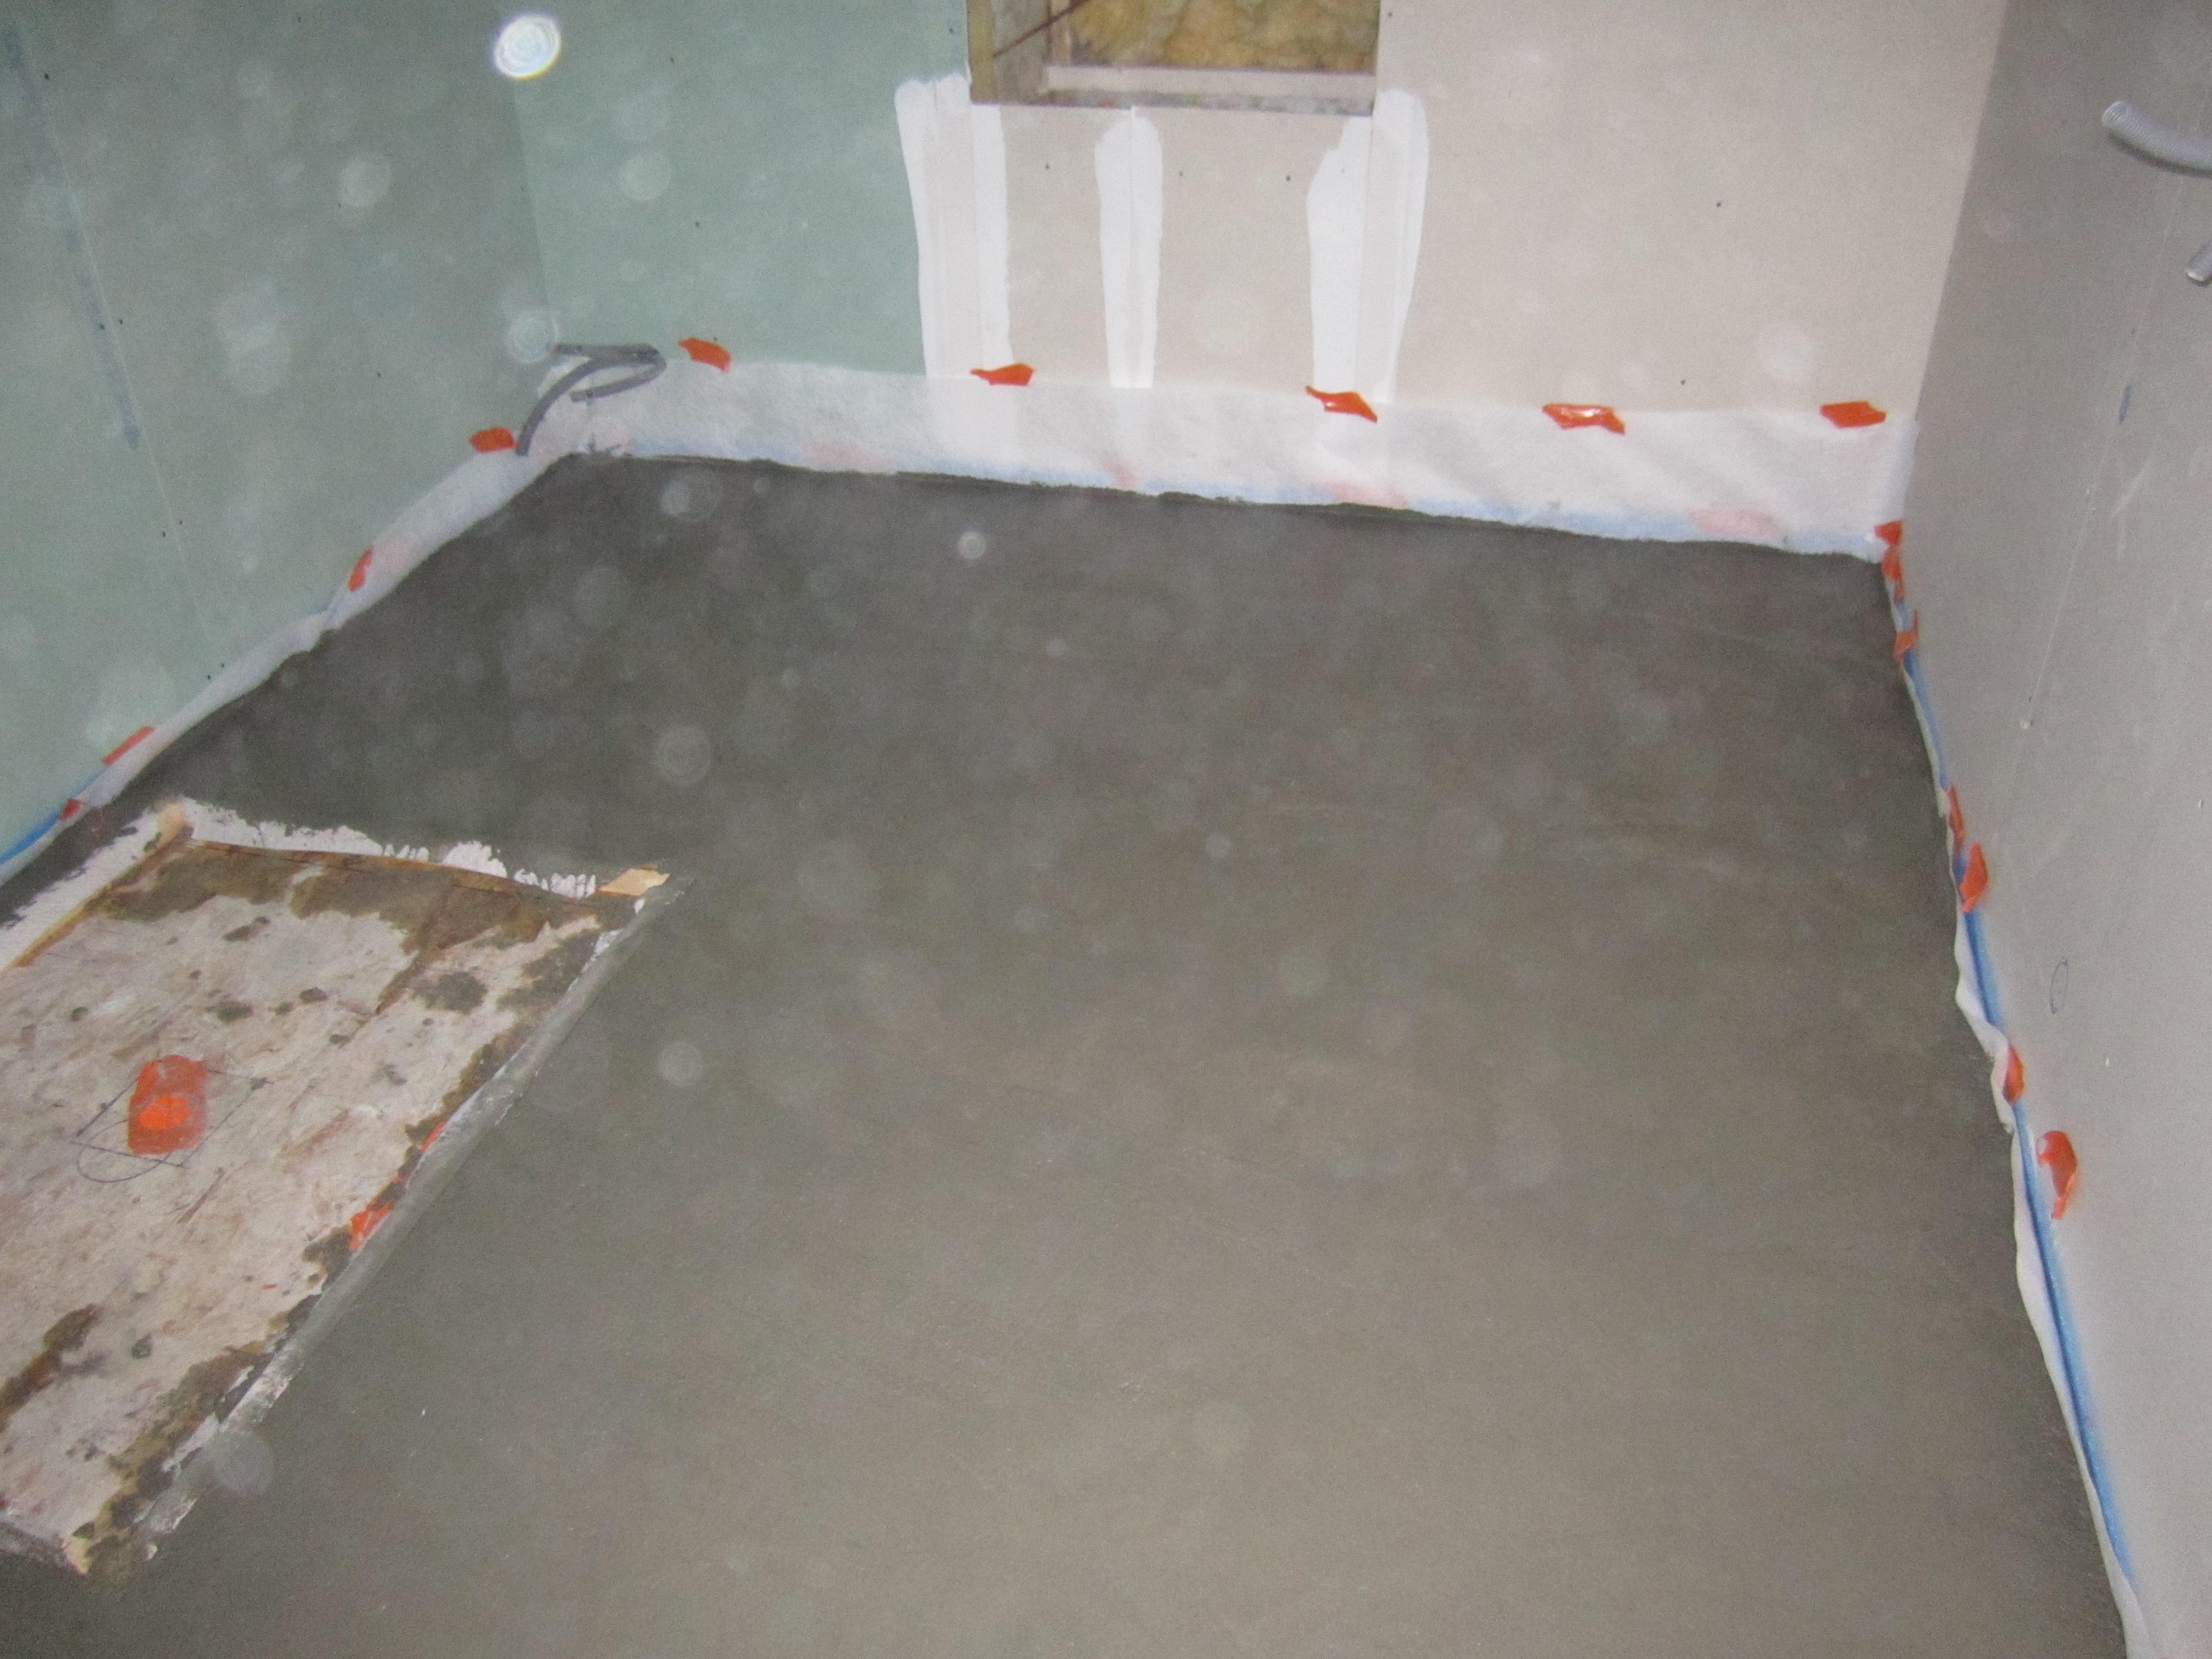 Osb Dans Salle De Bain chape beton sur plancher osb pour salle de bain - communauté